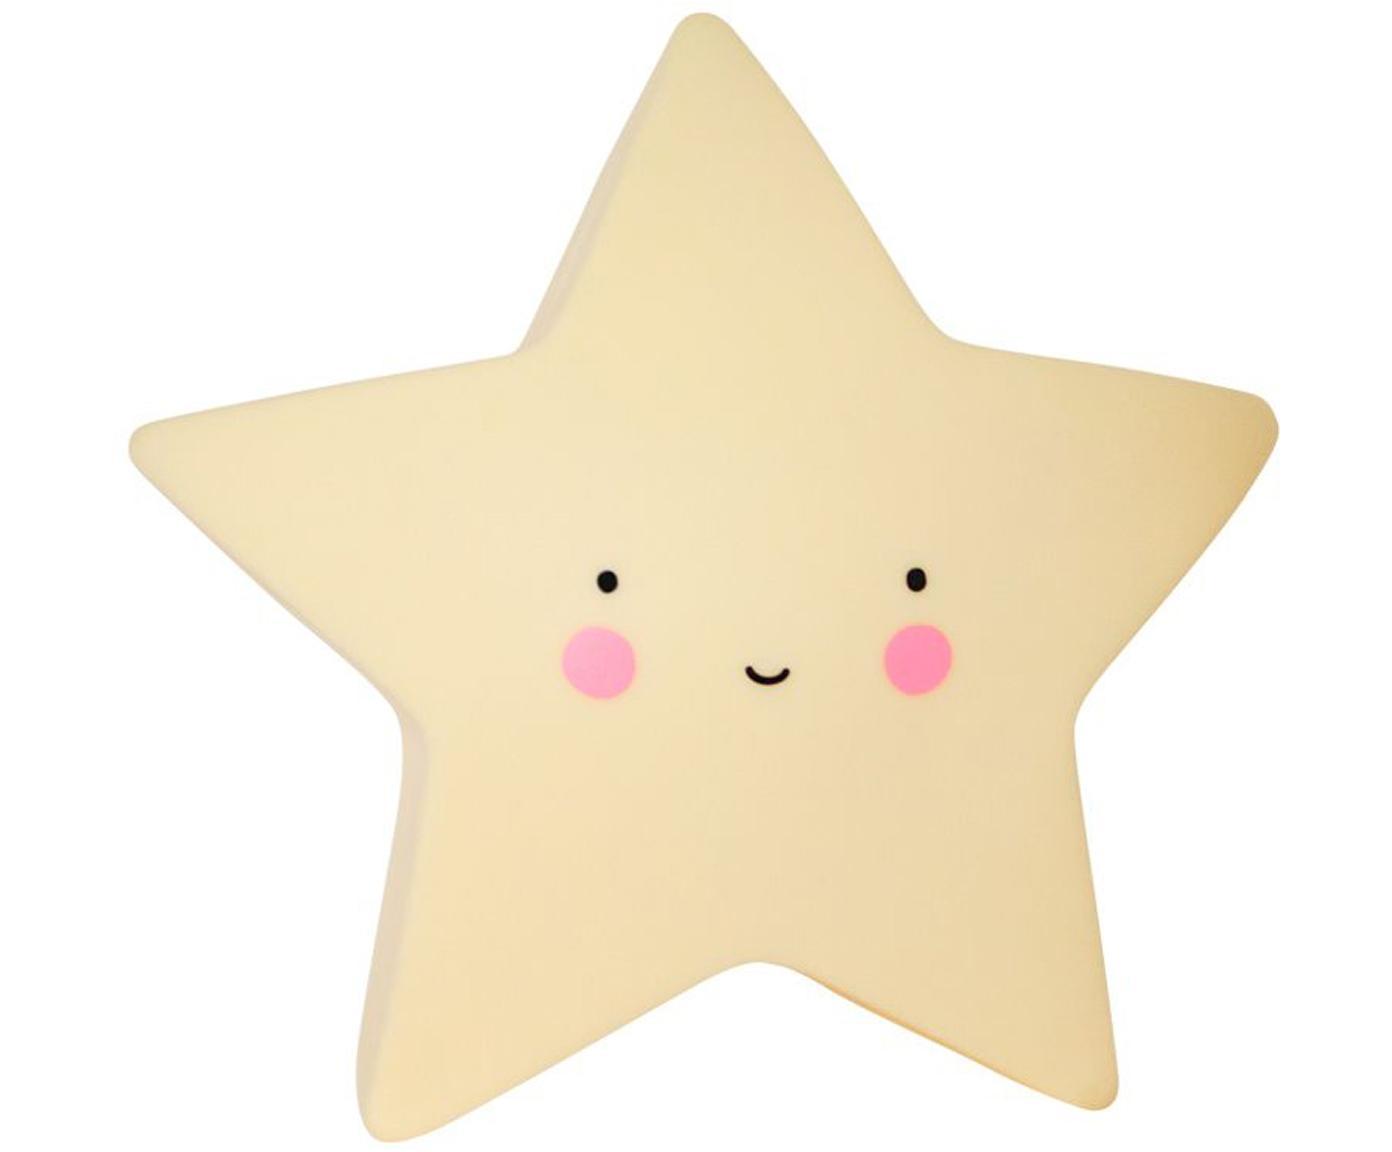 Kleines LED Leuchtobjekt Star mit Timer, Kunststoff, Gelb, Schwarz, Rosa, 14 x 14 cm